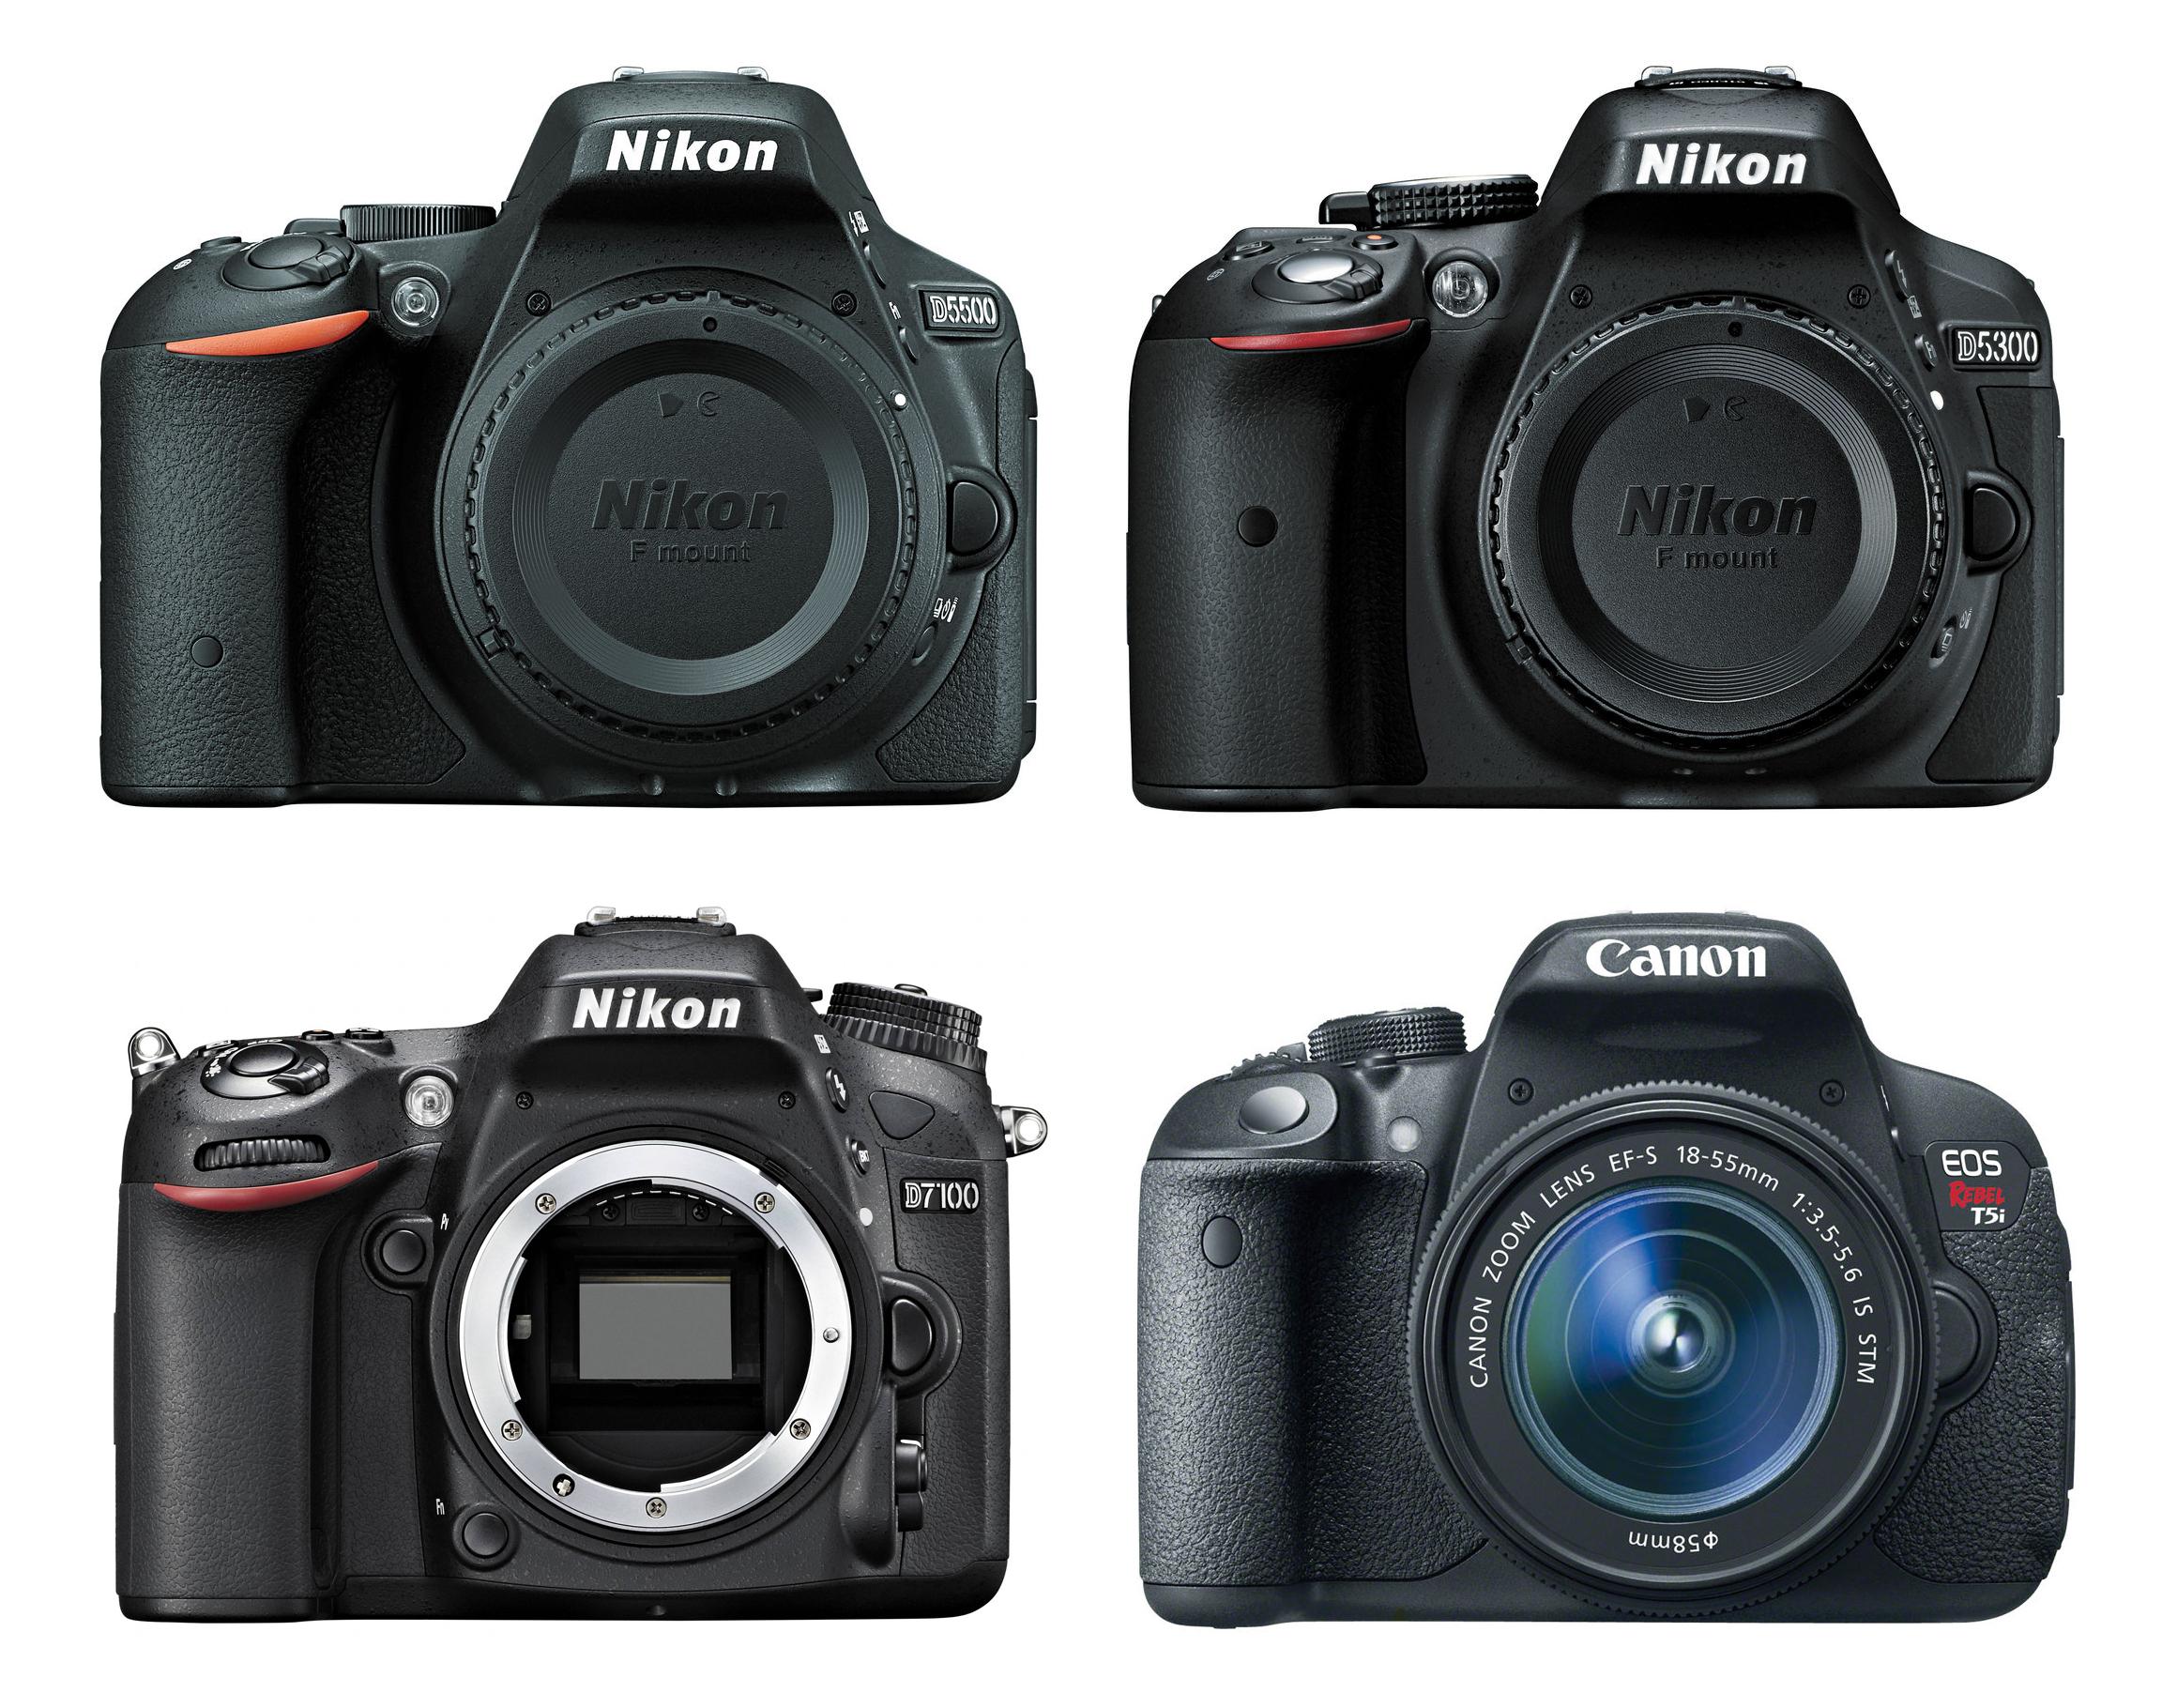 D5500 Nikon vs Canon 760D